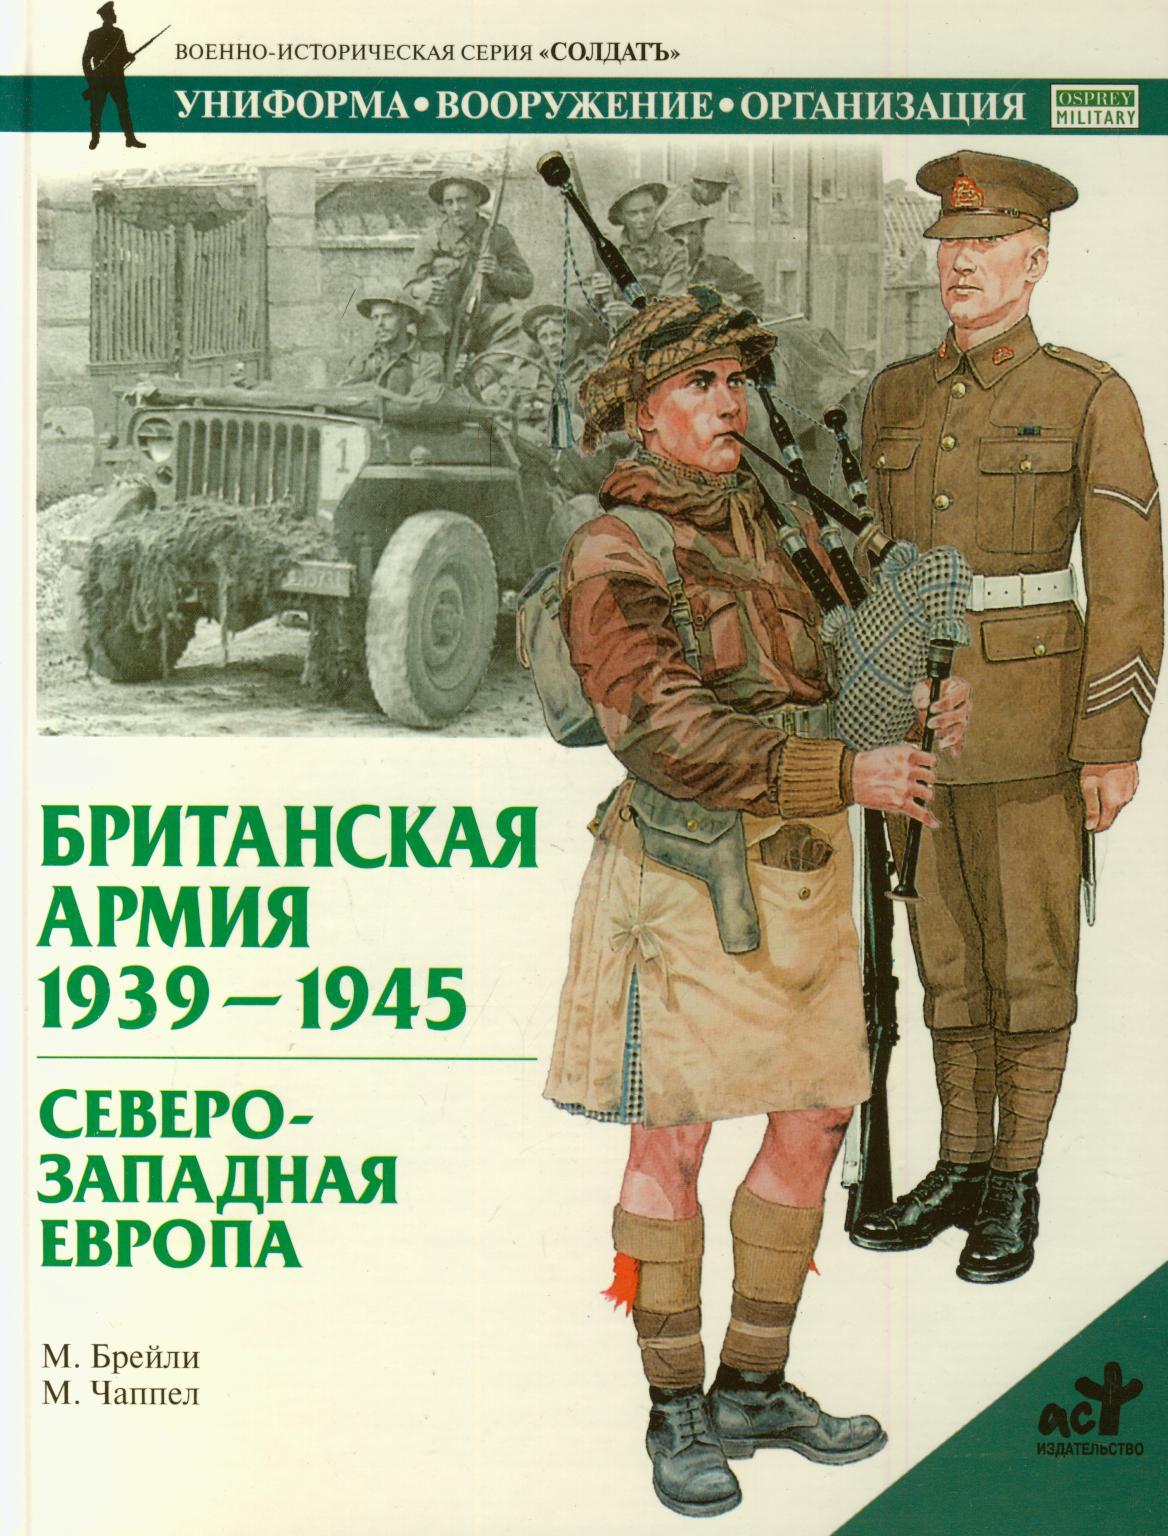 Британская армия 1939-1945. Северо-Западная Европа (Солдатъ)